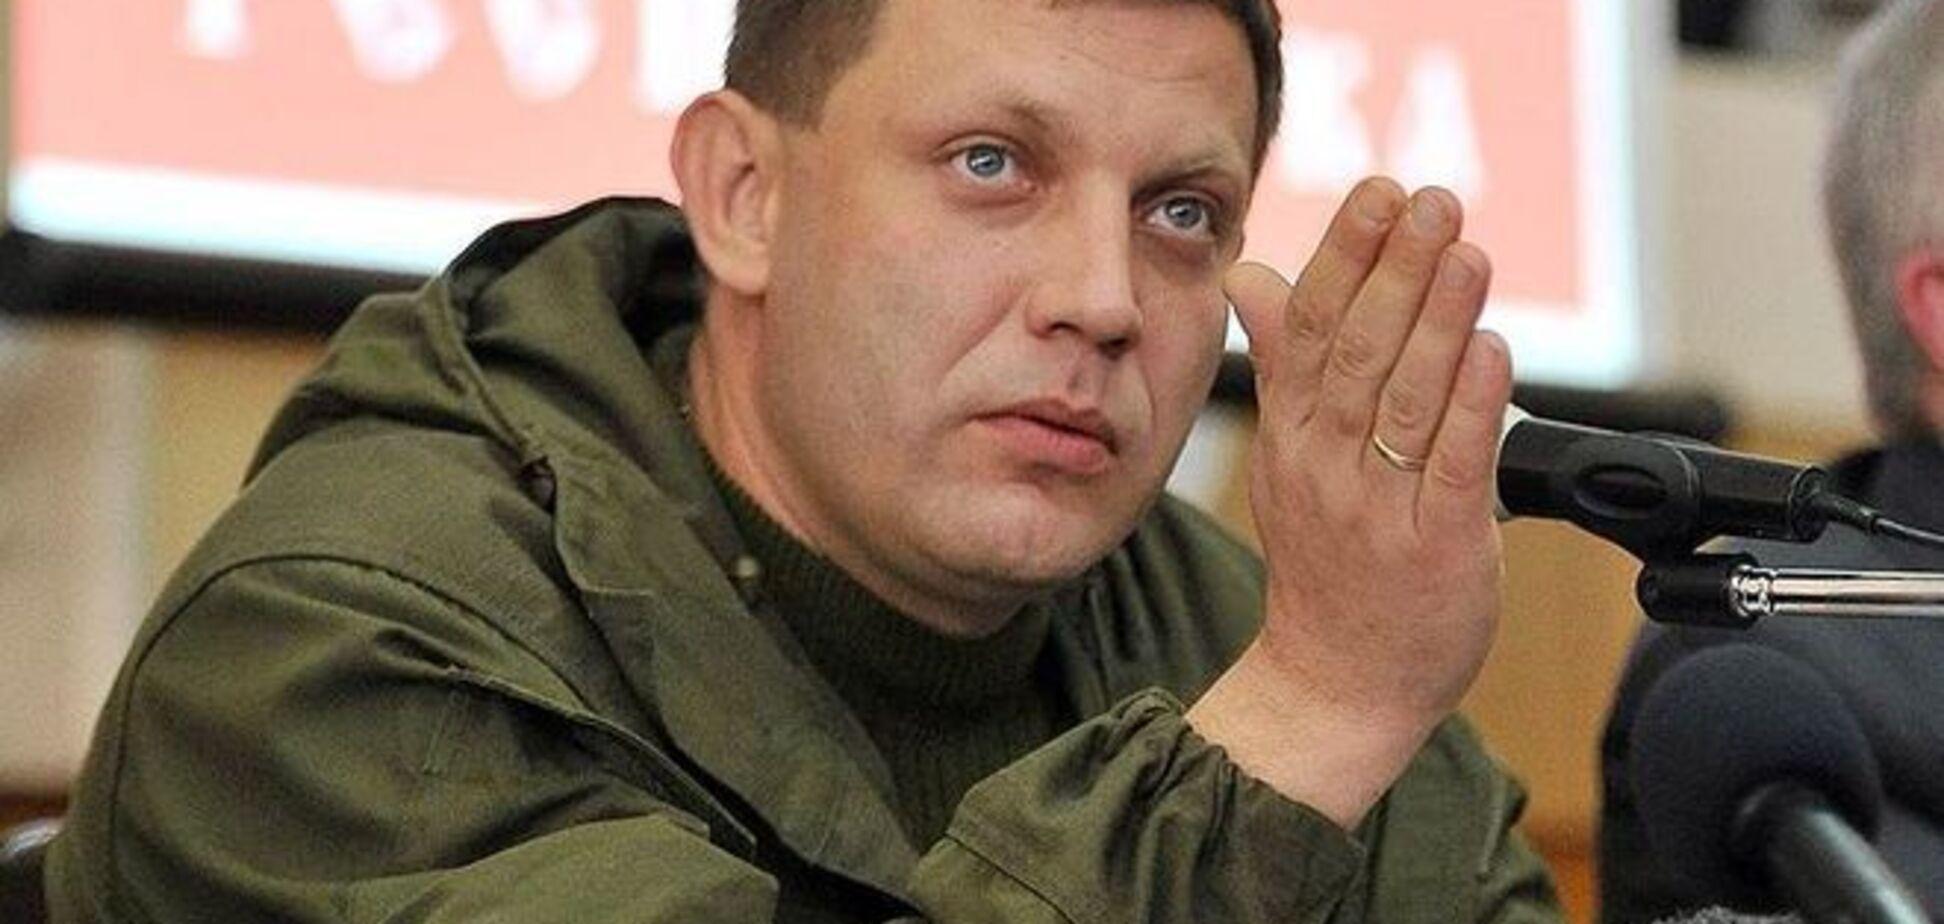 Захарченко из поселка Октябрьский решил убрать людей вместо техники